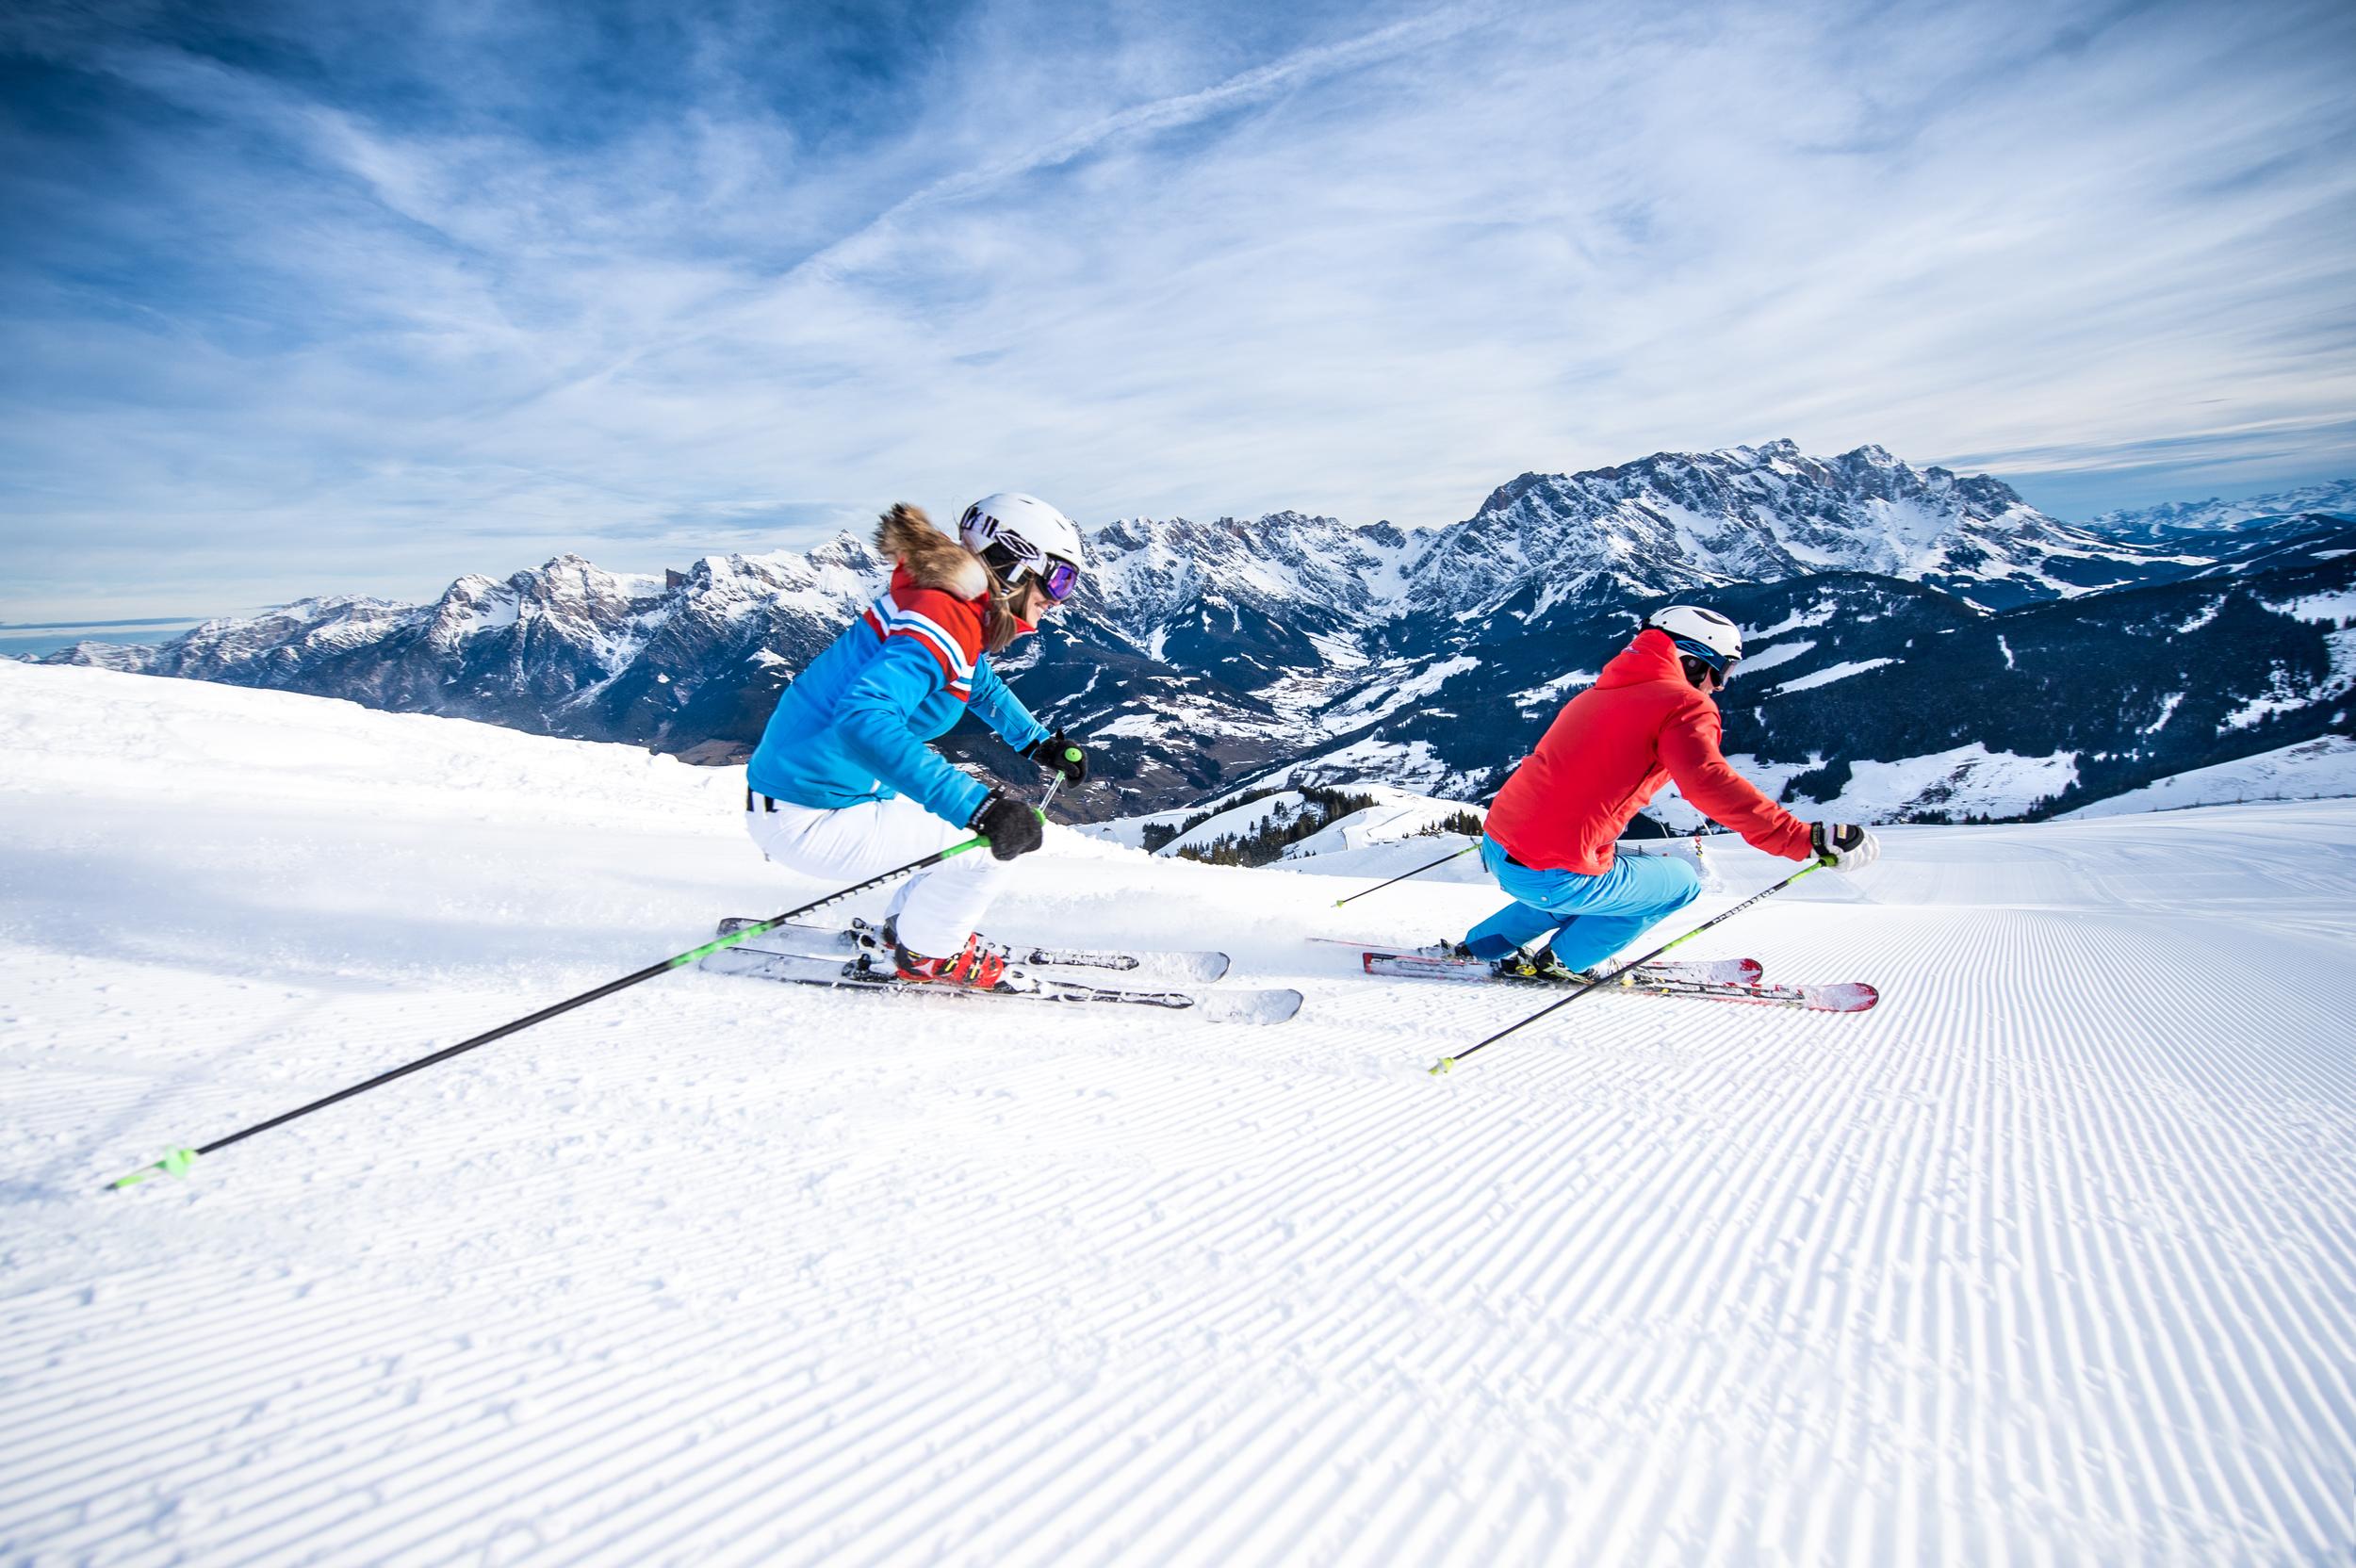 Skifahren und Langlaufen  Die Region Hochkönig bietet alles, was man für einen unvergesslichen Skitag braucht.33 top moderne Liftanlagen, 120 nahtlos verbundene Pistenkilometer -ihr könnt direkt von unseren Hütten und Chalets aus starten und seid mitten drin!Mit 40 Loipen-km kommen Langläufer in der Region Hochkönig nicht zu kurz. Ob Skating oder klassisch, auf den Loipen in Maria Alm, Hinterthal, Dienten und Mühlbach könnt ihr vor der faszinierenden Kulisse des Hochkönigs eurer Langlauflust mit voller Leidenschaft frönen. Alle Infos zu den  Langlauf-Loipen  und zu den  Winterwanderwegen   Alle Infos zum Skigebiet   Ski-Tickets online hier